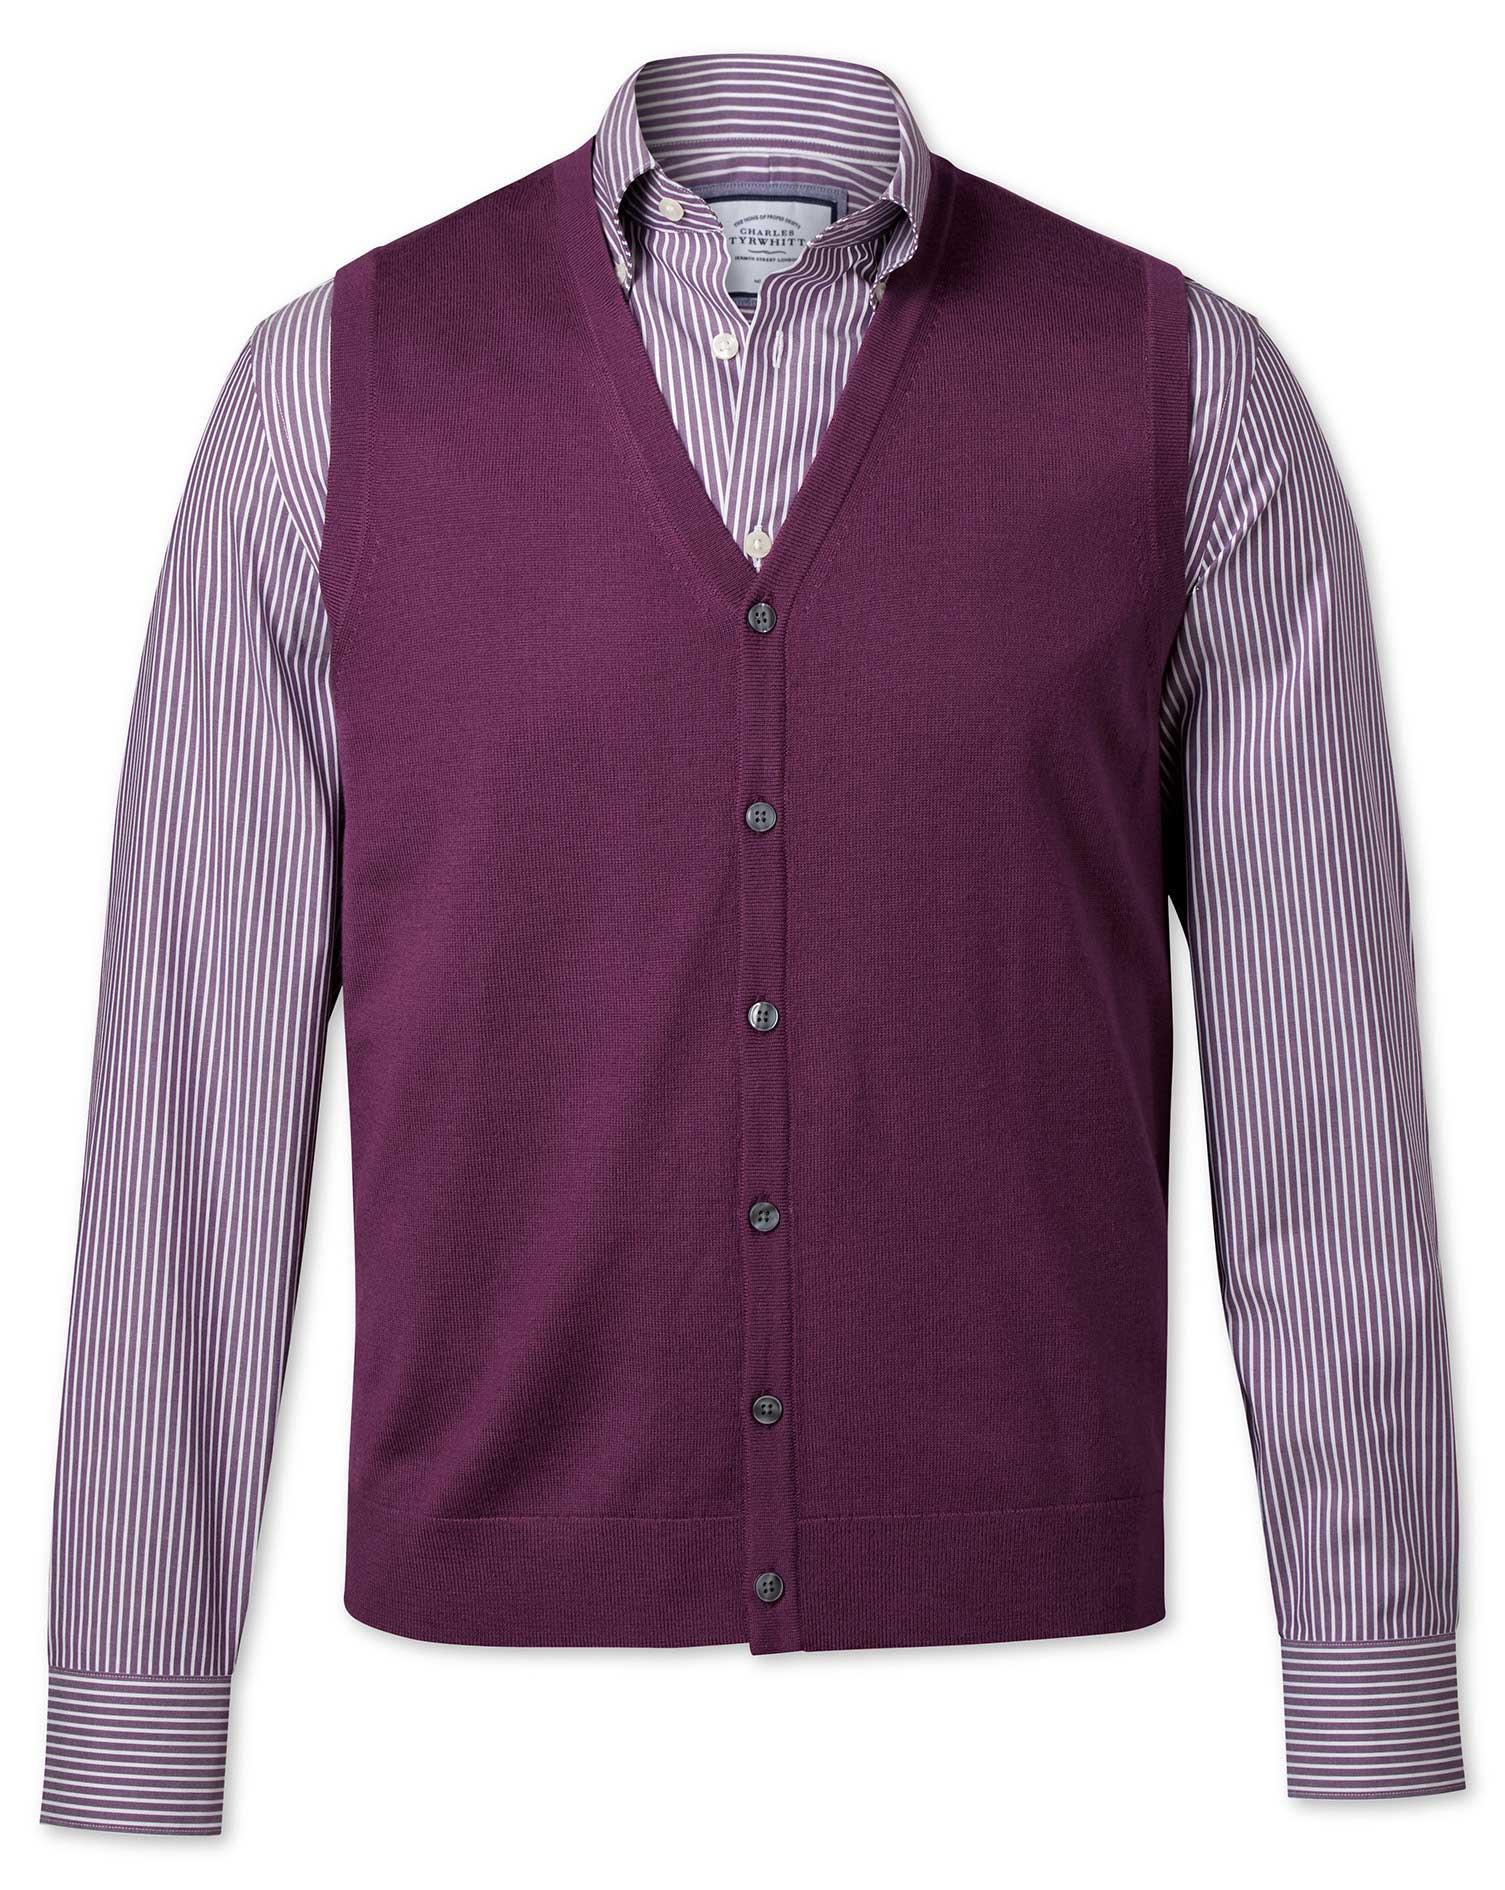 Dark Purple Merino Wool Waistcoat Size XXL by Charles Tyrwhitt